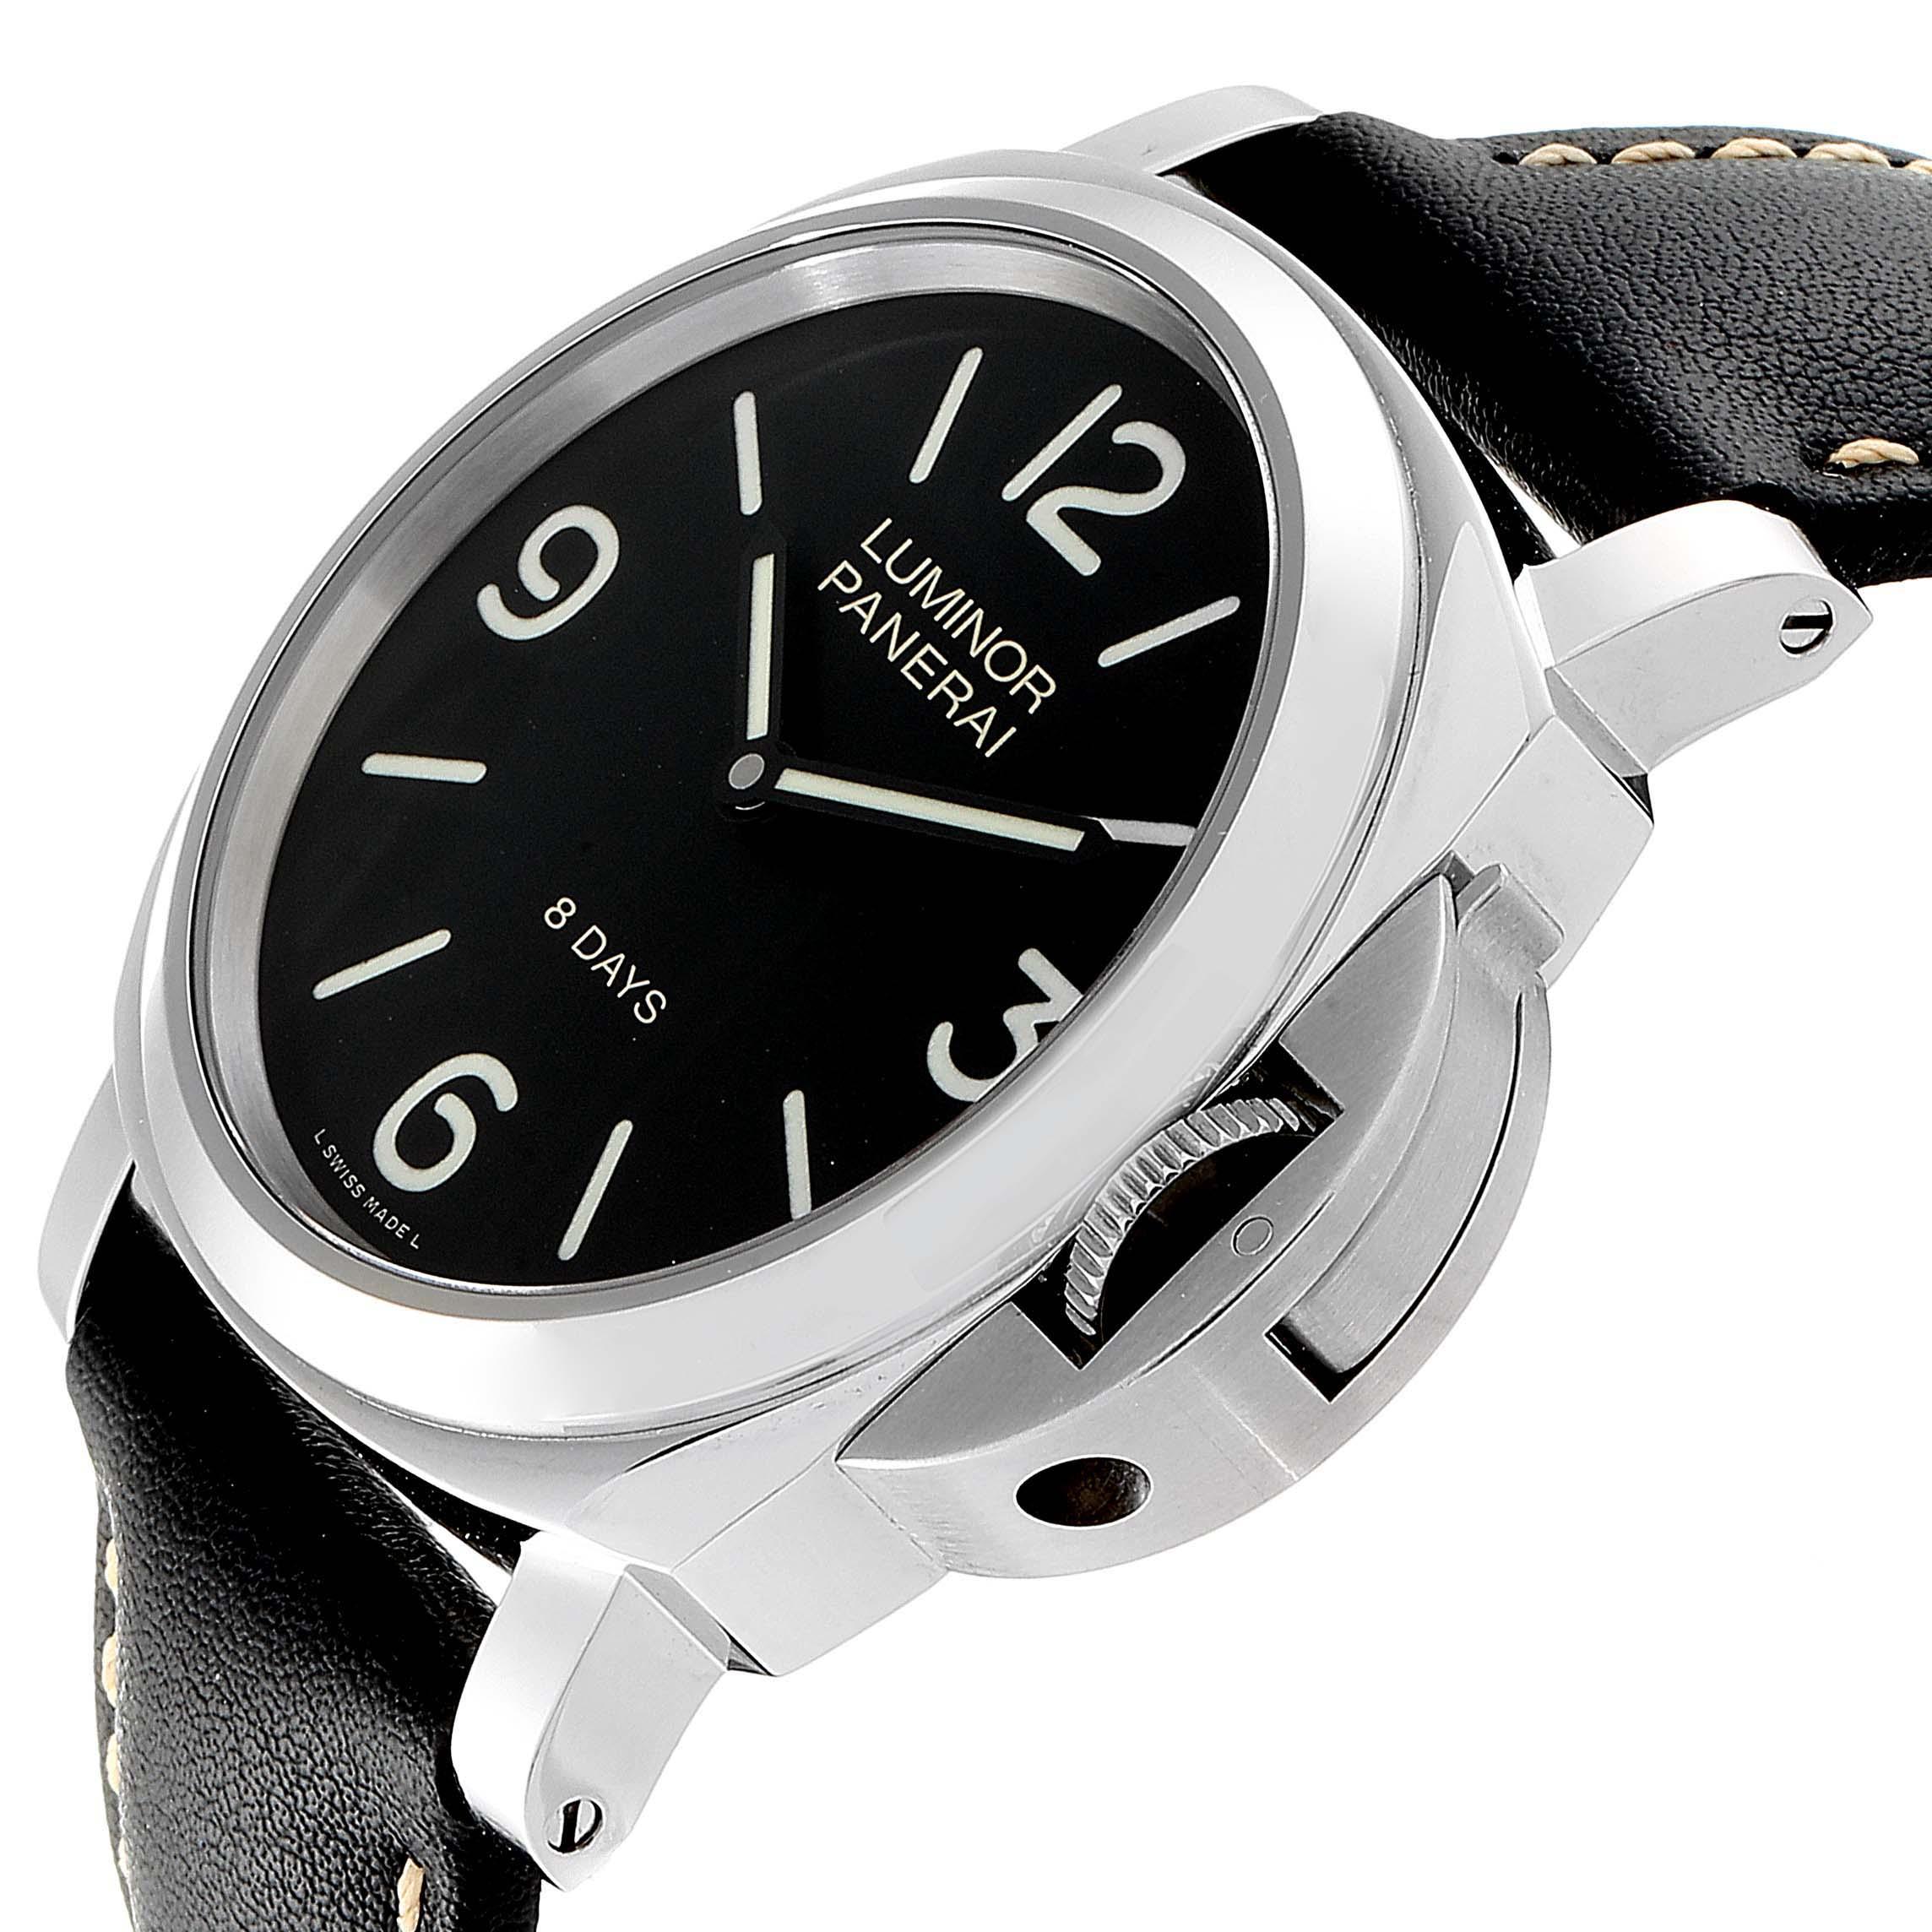 Panerai Luminor Base 8 Days Acciaio 44mm Watch PAM560 PAM00560 SwissWatchExpo